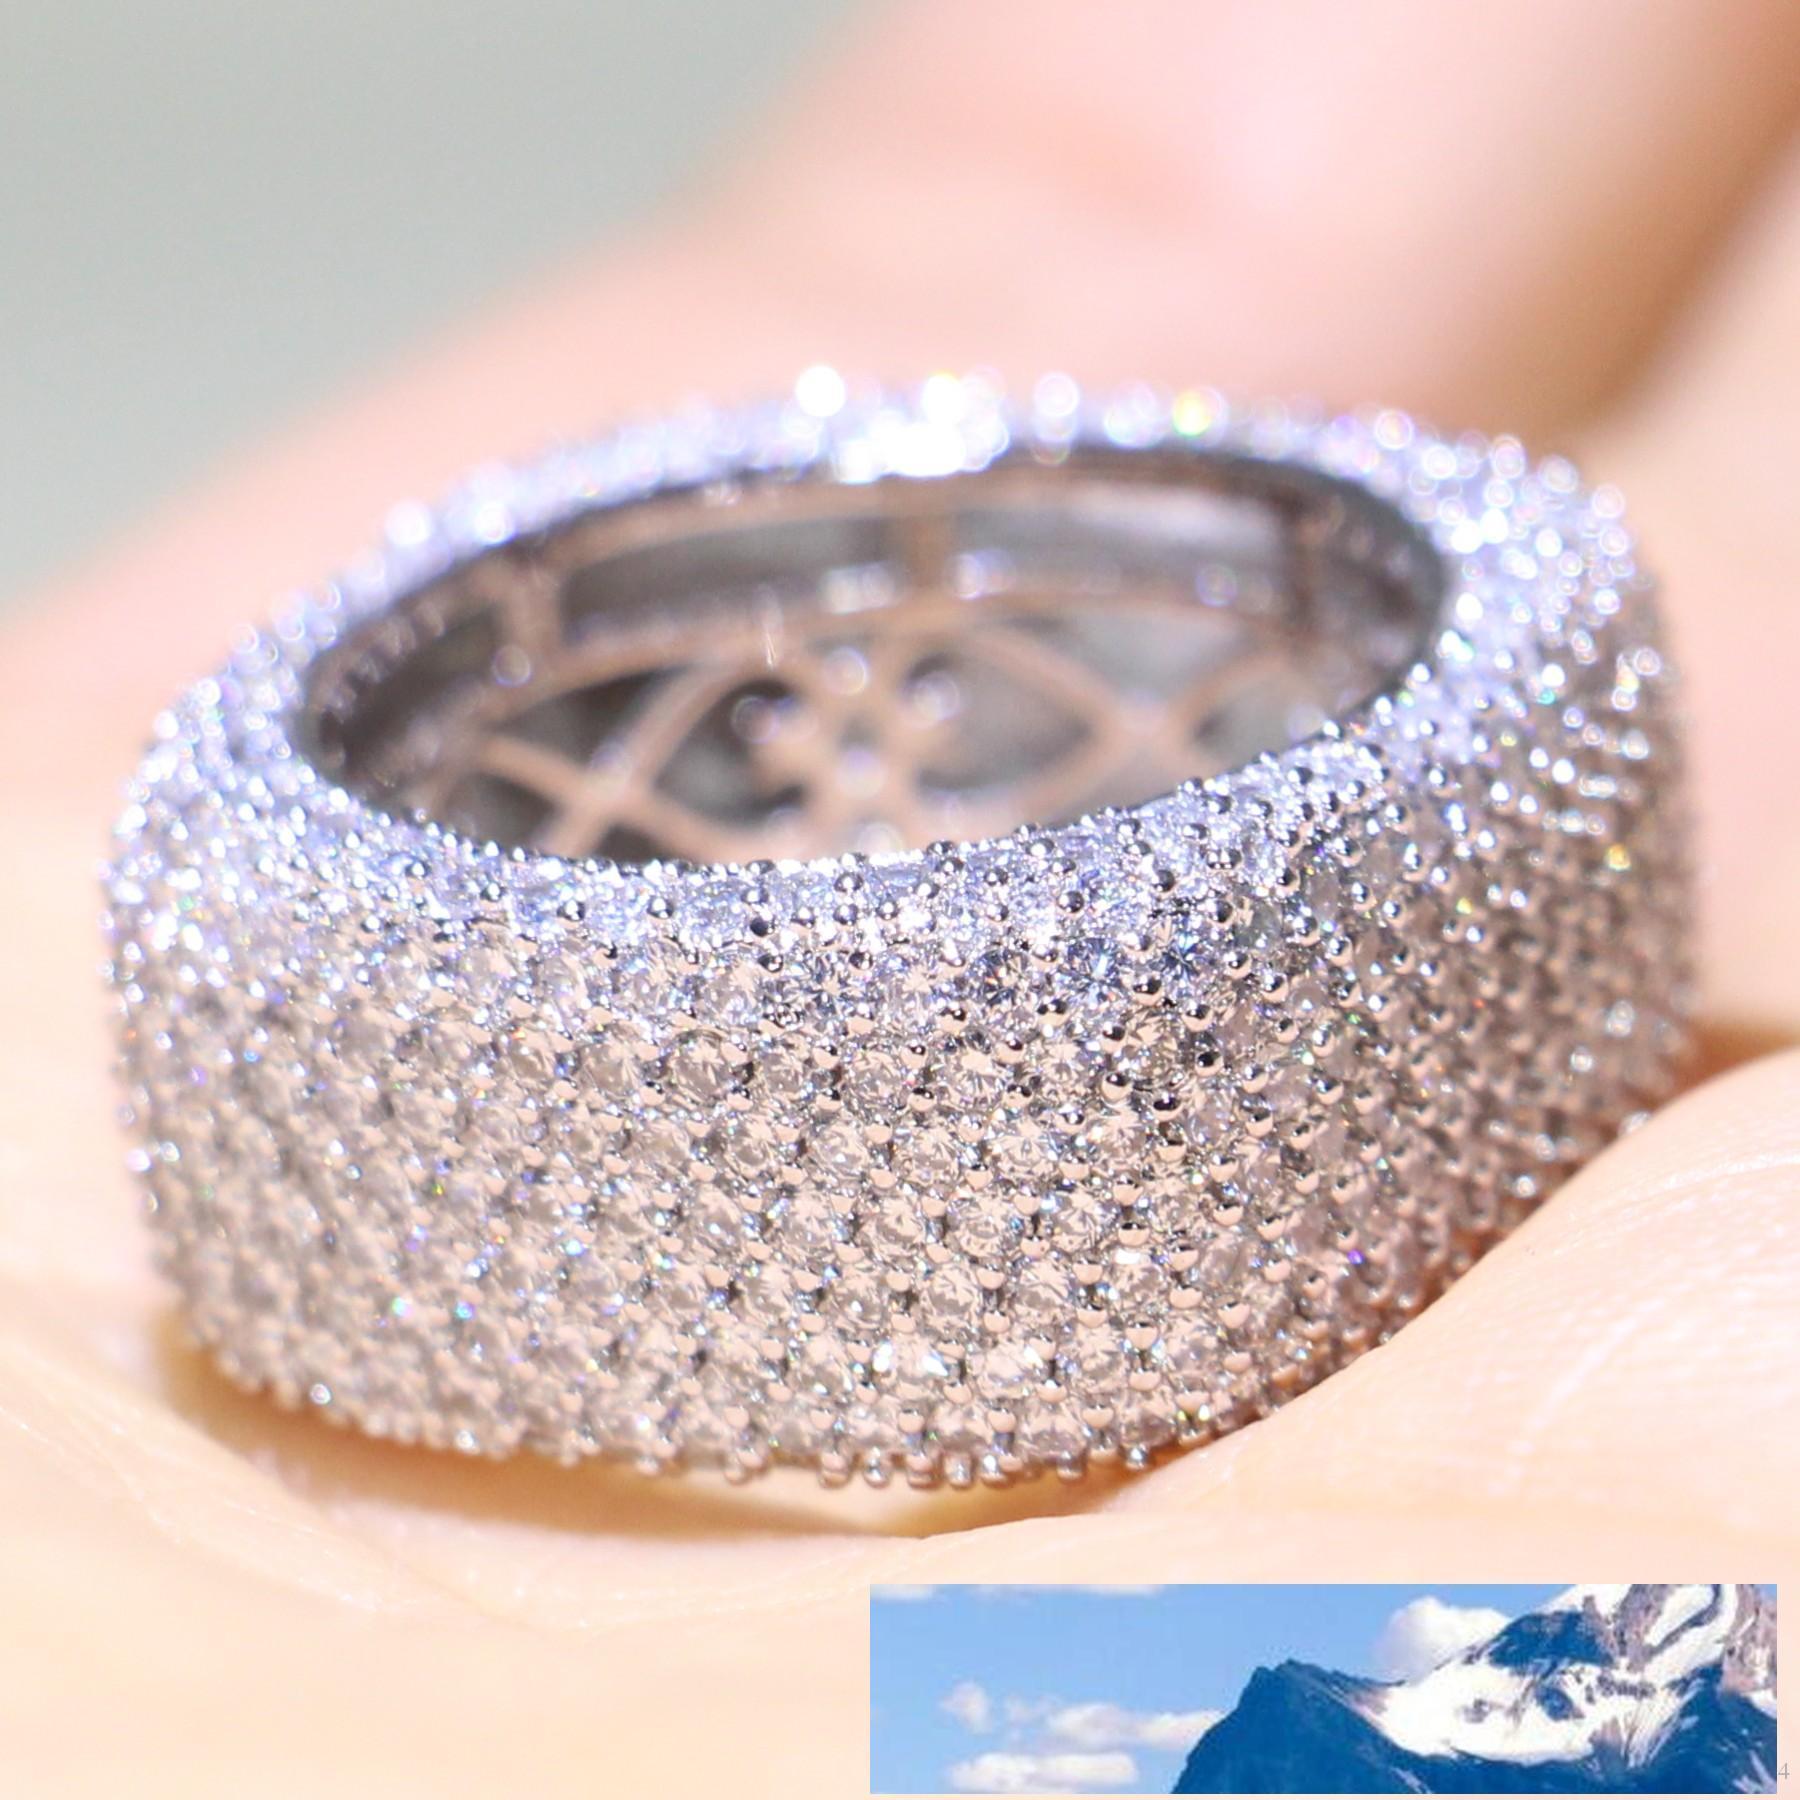 الحجم 5-10 مجوهرات 925 الفضة الاسترليني التعبئة تمهيد ميركو كاملة الأبيض الياقوت CZ الماس وعد خاتم الزواج المرأة حزام حزام لعشاق